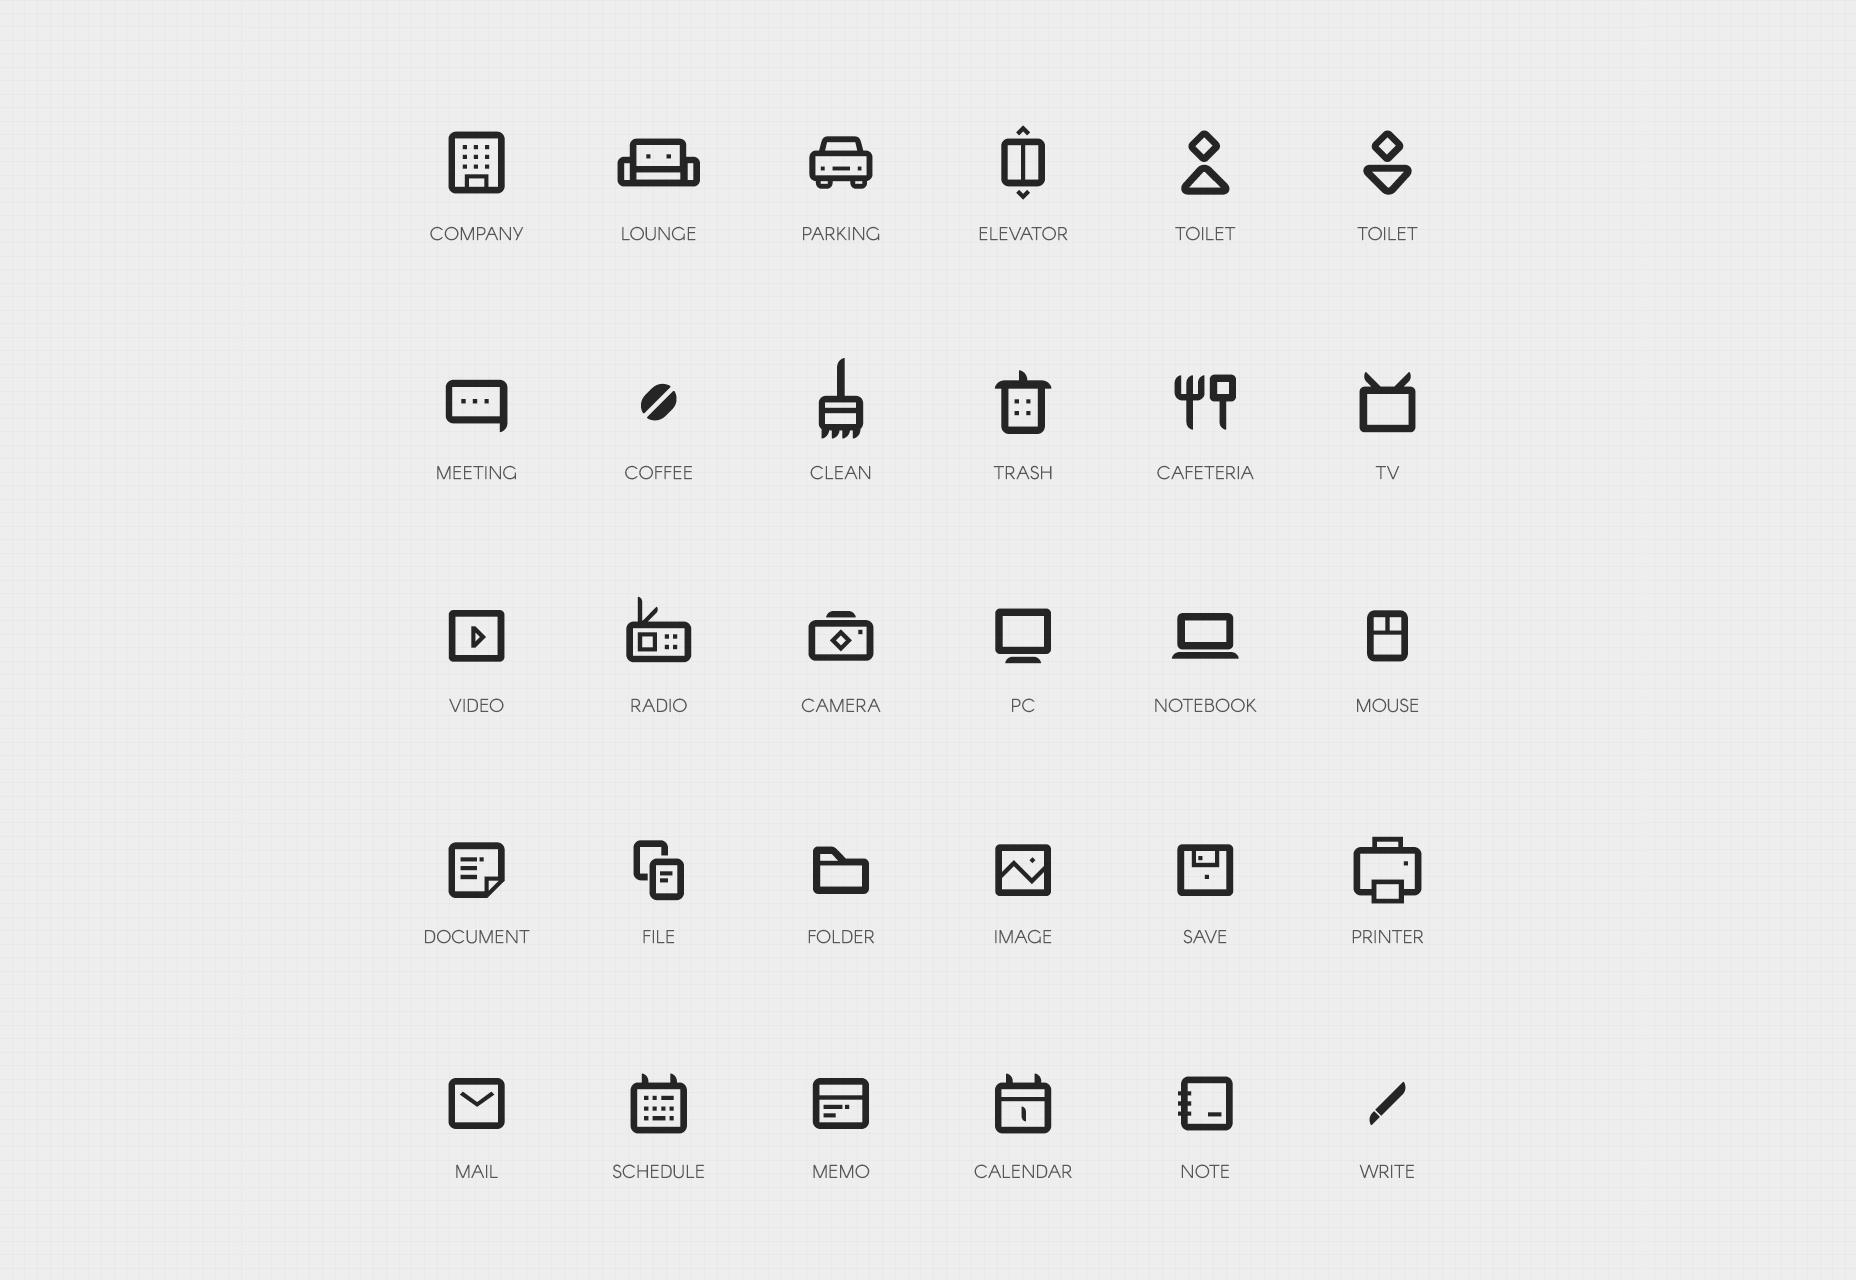 50 Yritys Bold Line Icons Set